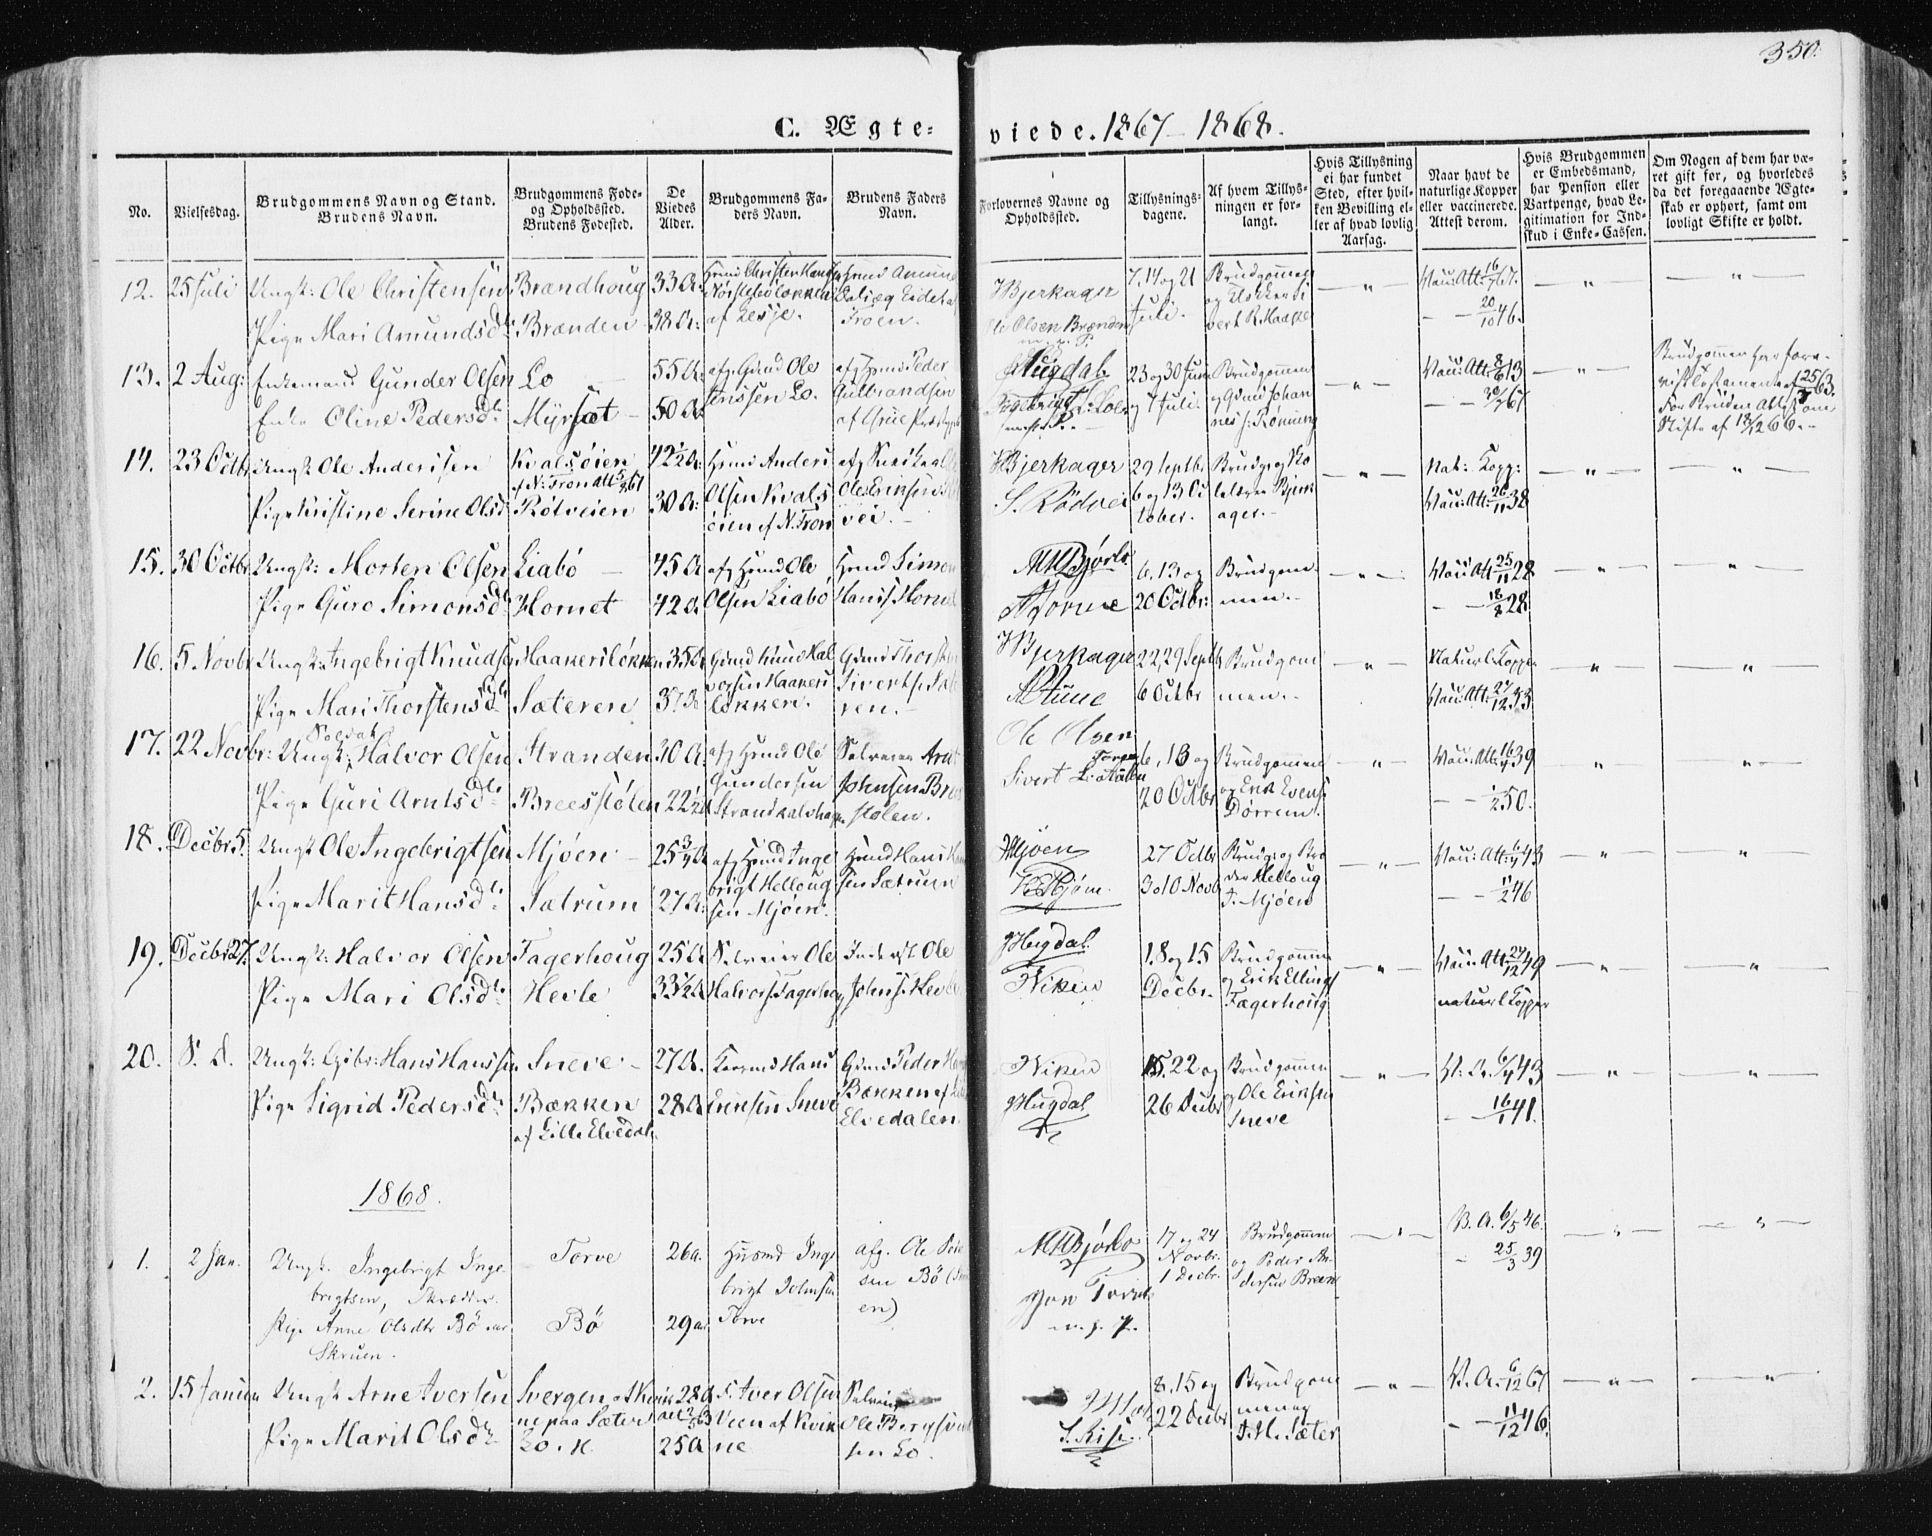 SAT, Ministerialprotokoller, klokkerbøker og fødselsregistre - Sør-Trøndelag, 678/L0899: Ministerialbok nr. 678A08, 1848-1872, s. 350